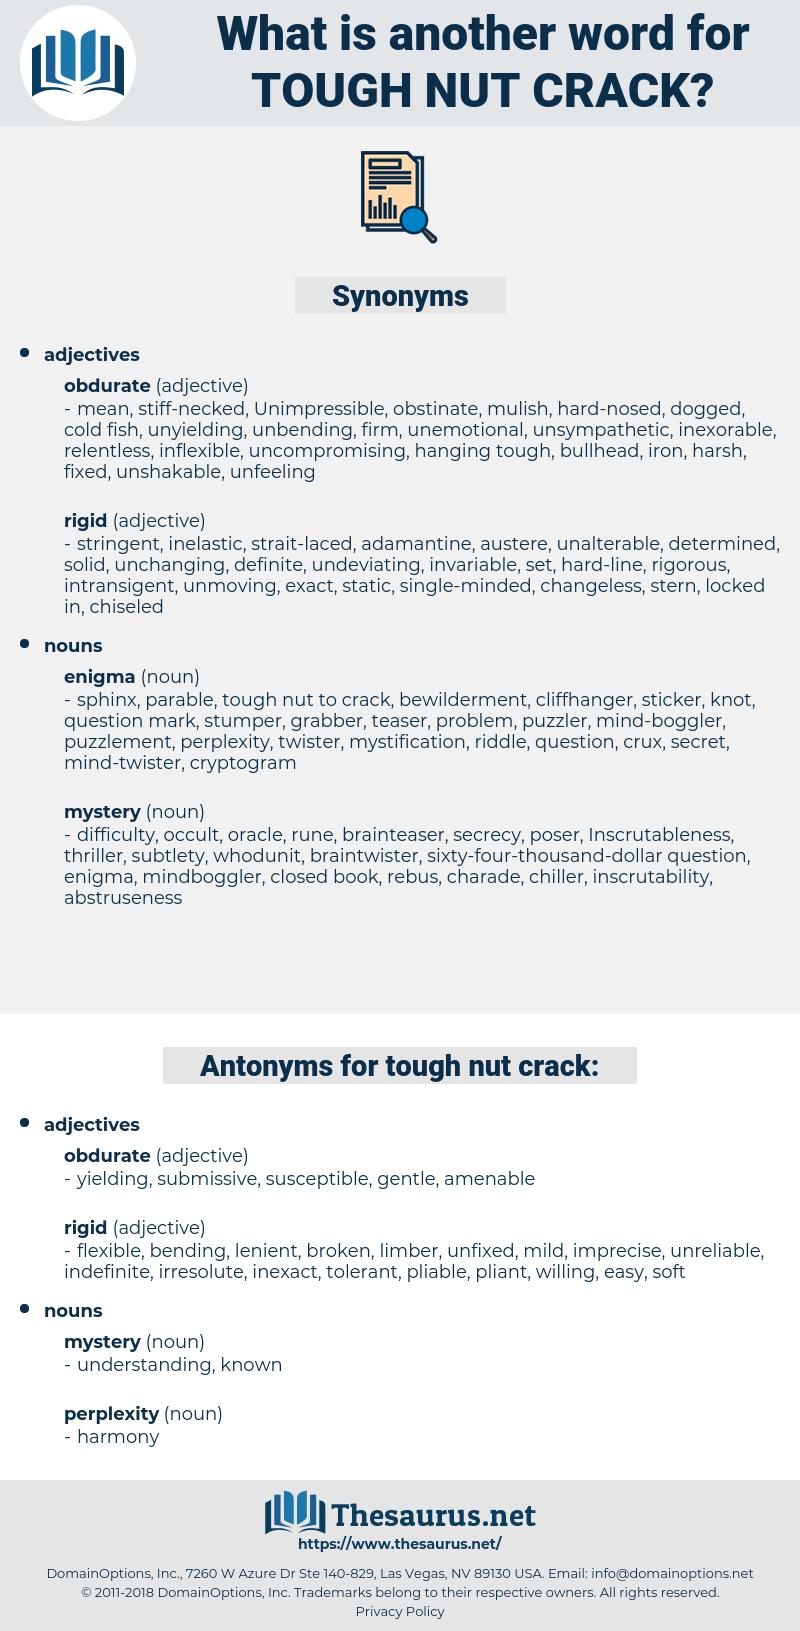 tough nut crack, synonym tough nut crack, another word for tough nut crack, words like tough nut crack, thesaurus tough nut crack